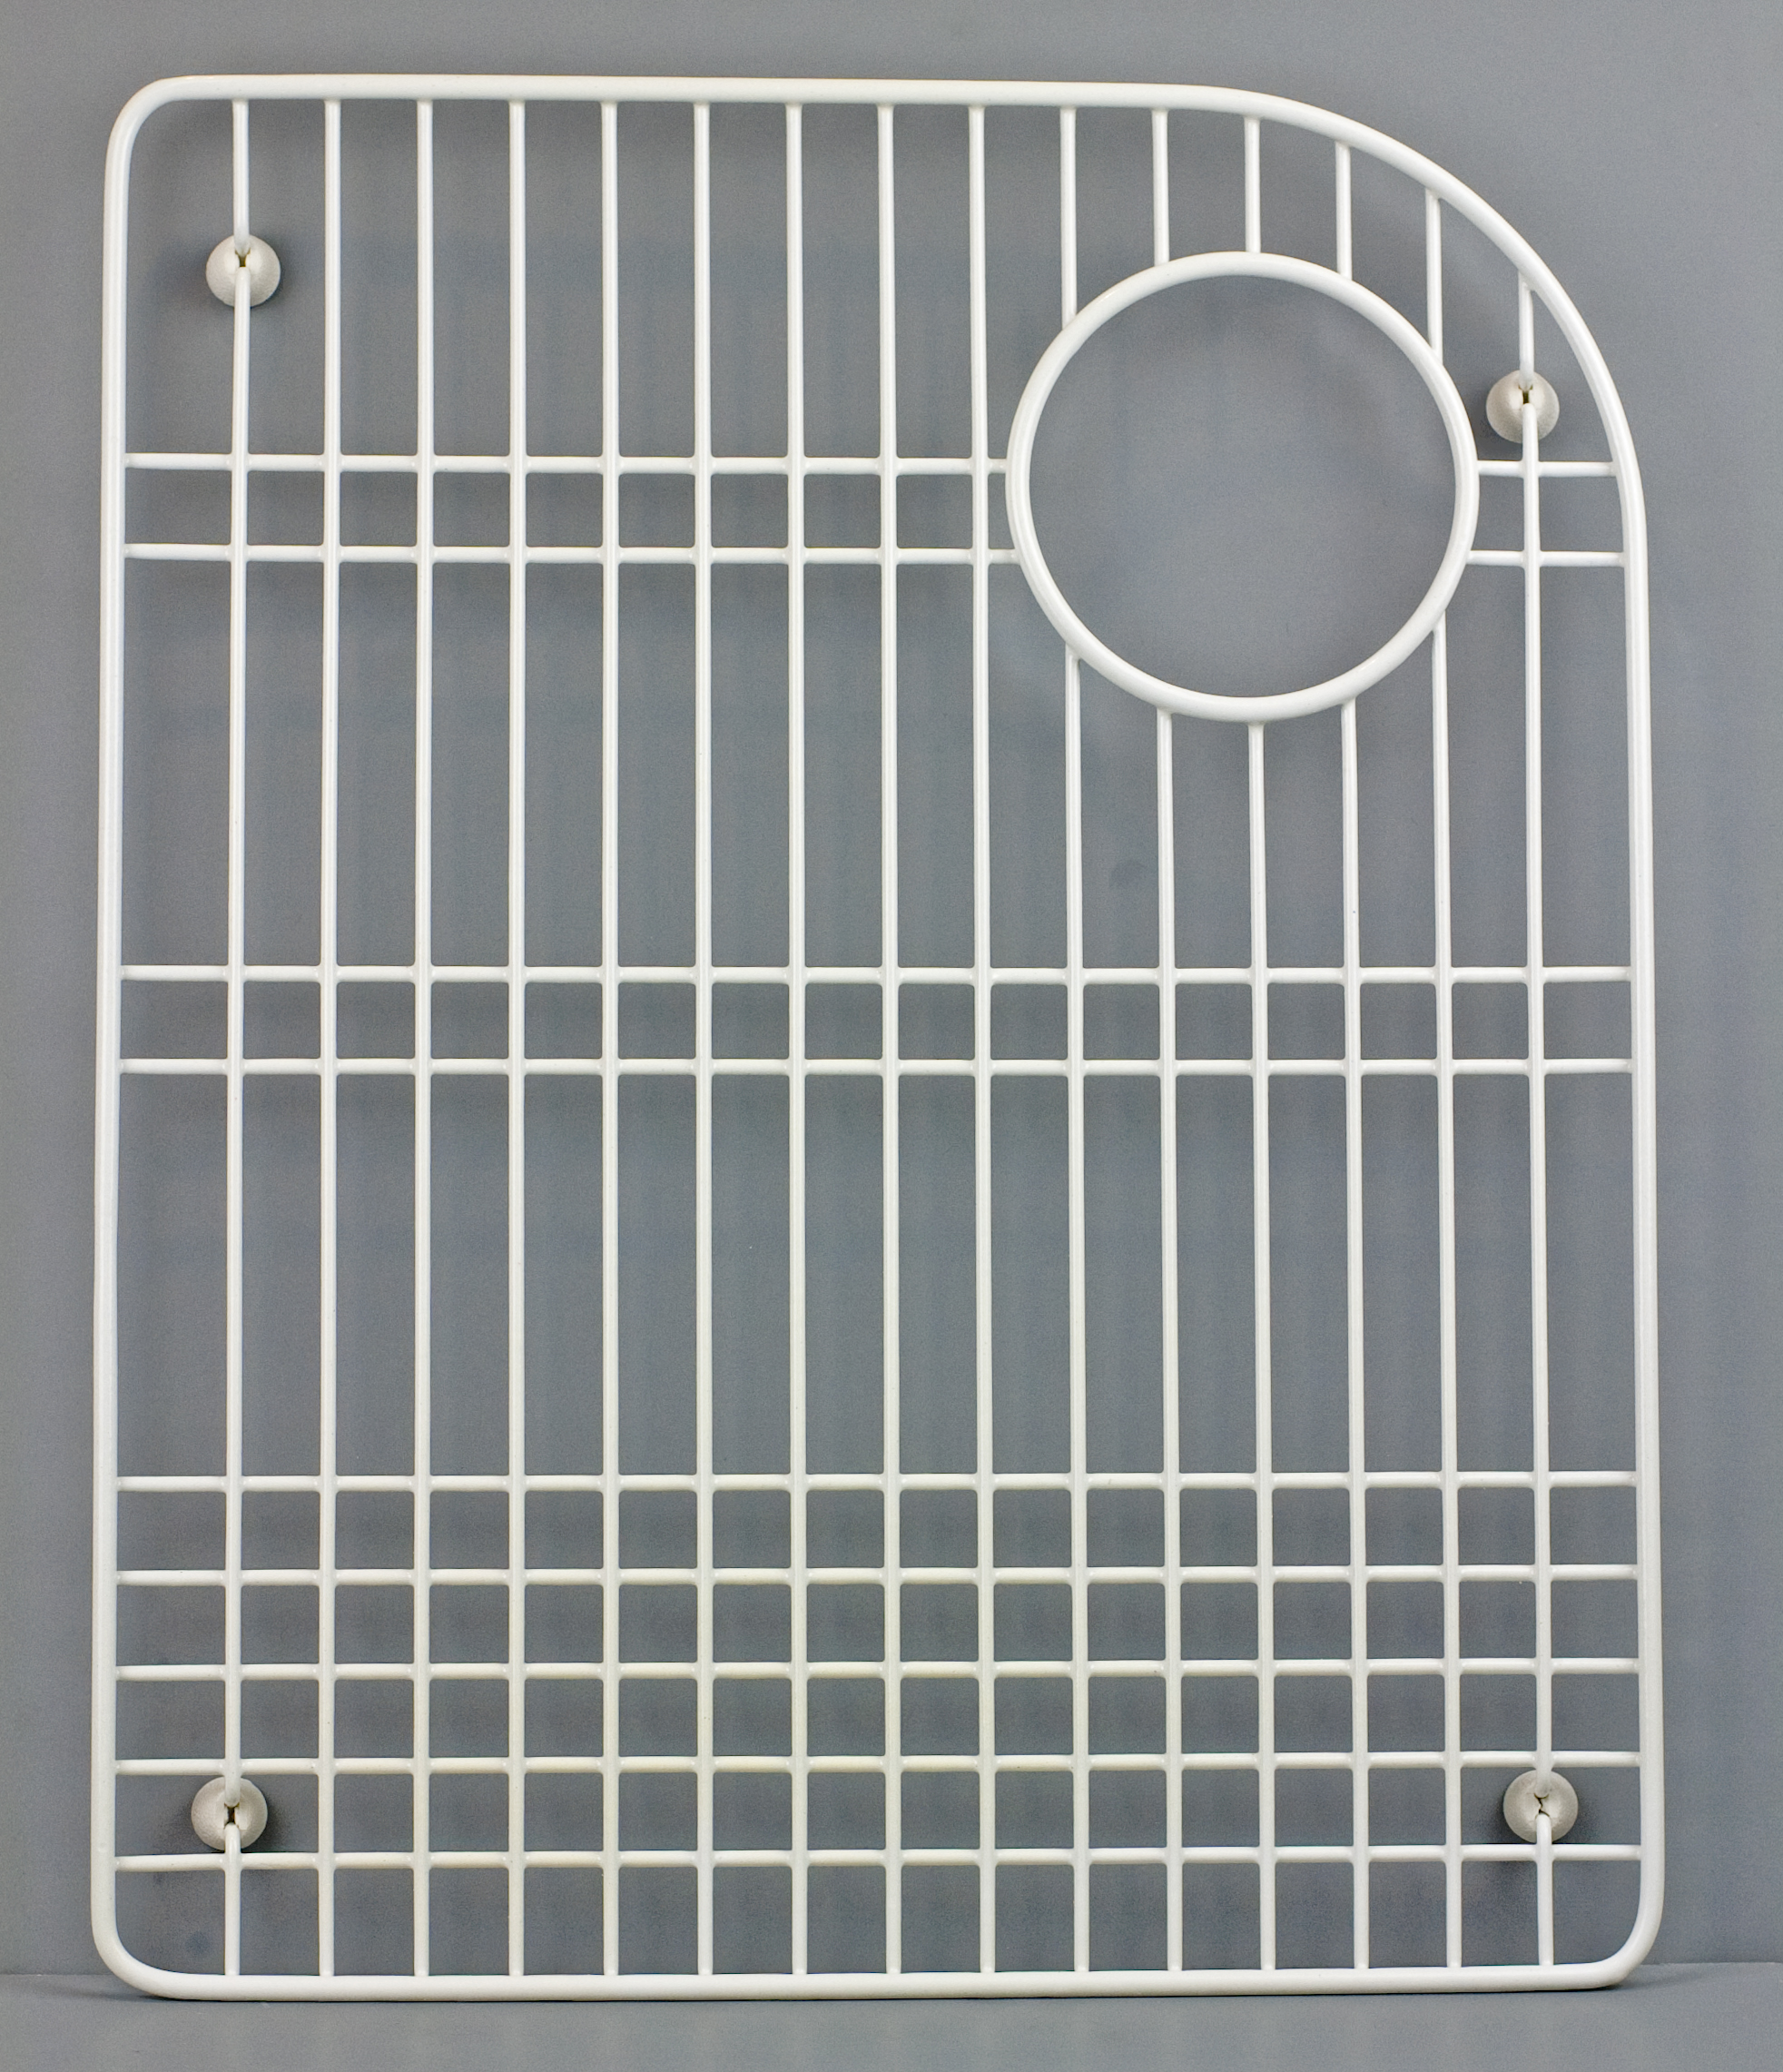 Kohler | K-6001-0 | K-6001-0 Executive Chef/Marsala Stainless Steel Rack with White Vinyl Coating